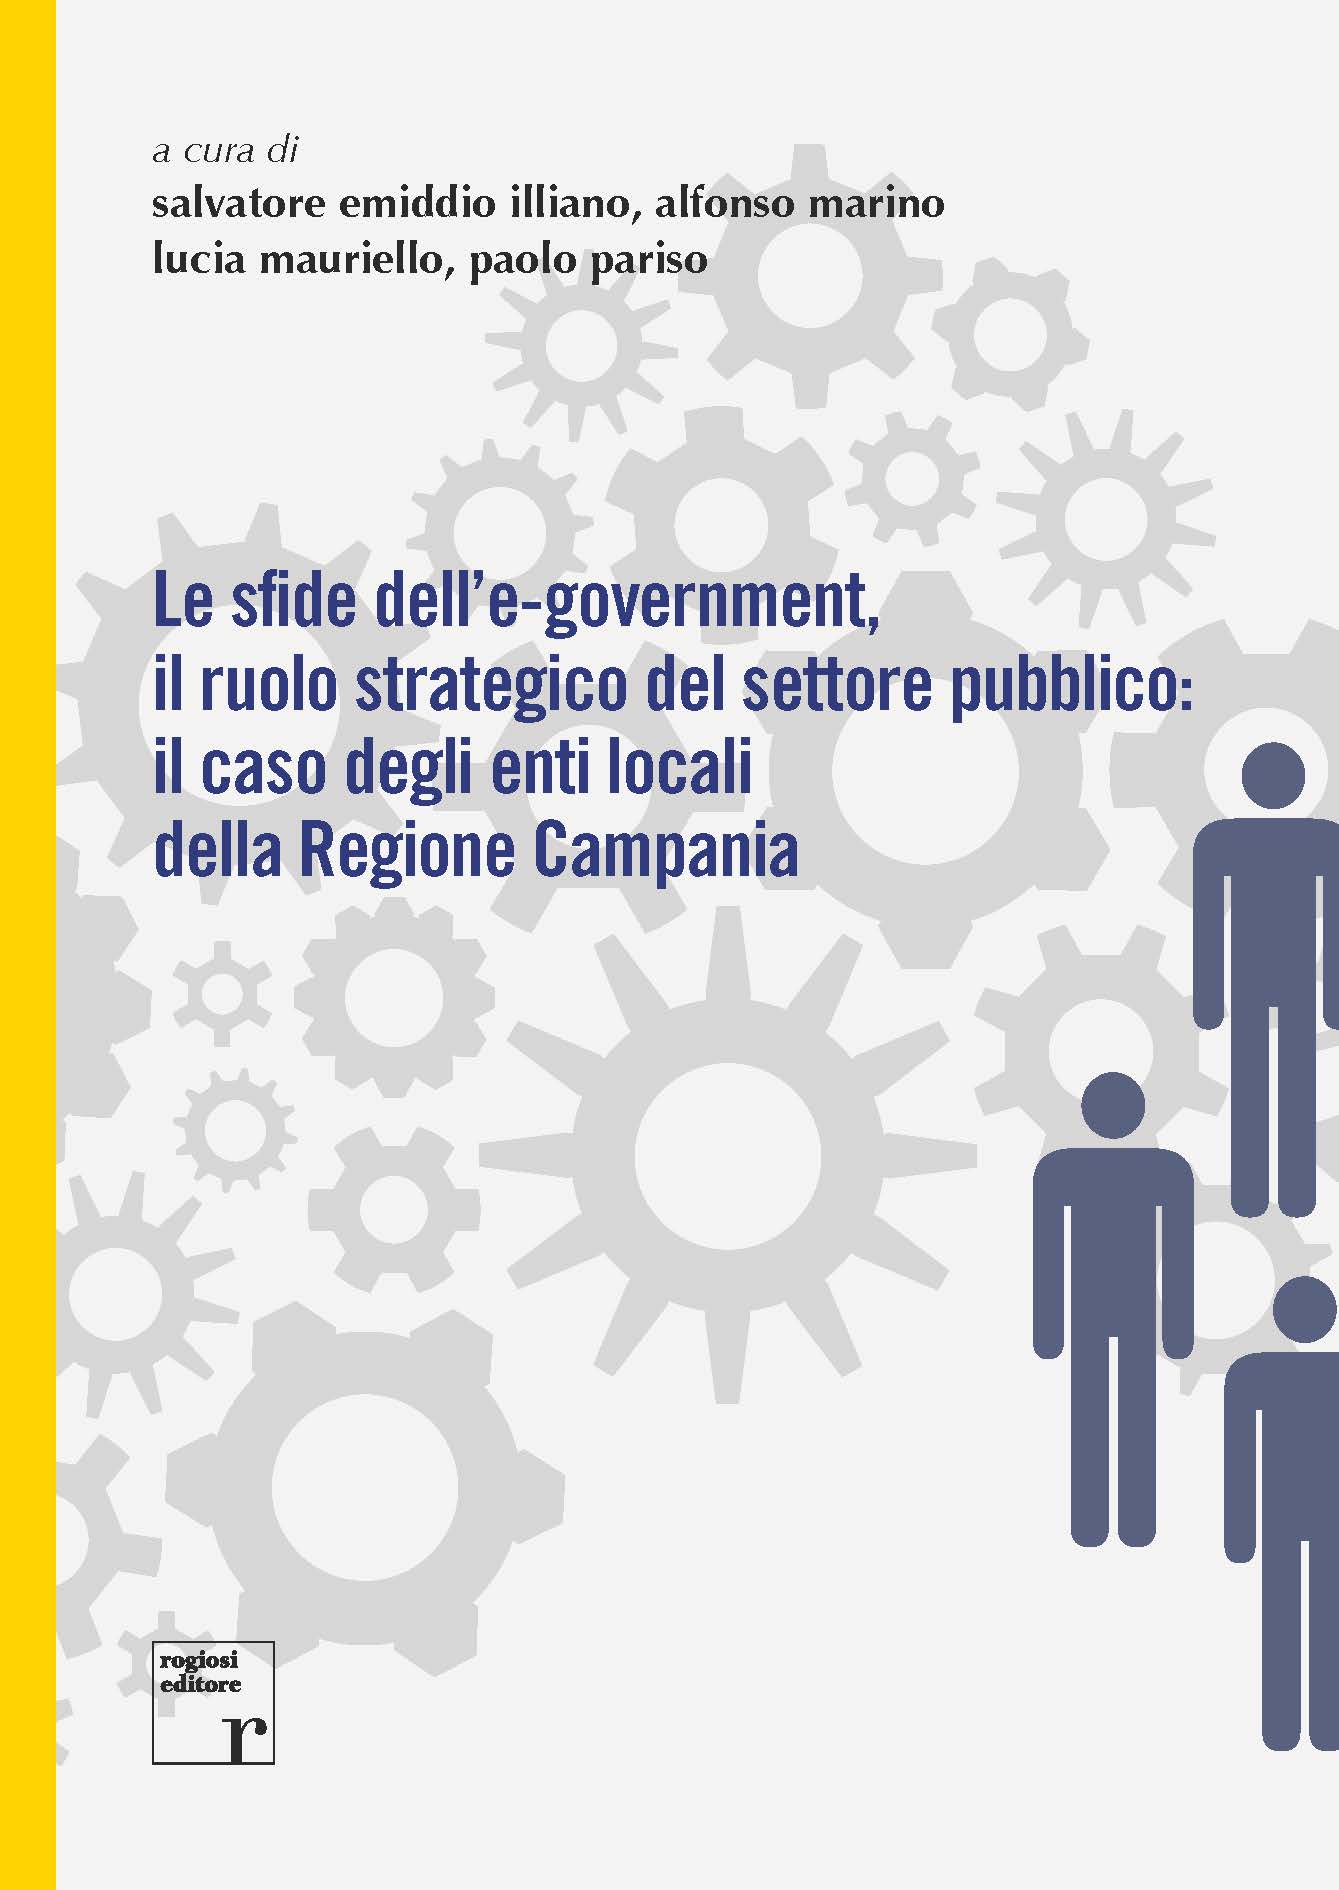 Le sfide dell'e-government, il ruolo strategico del settore pubblico: il caso degli enti locali della Regione Campania